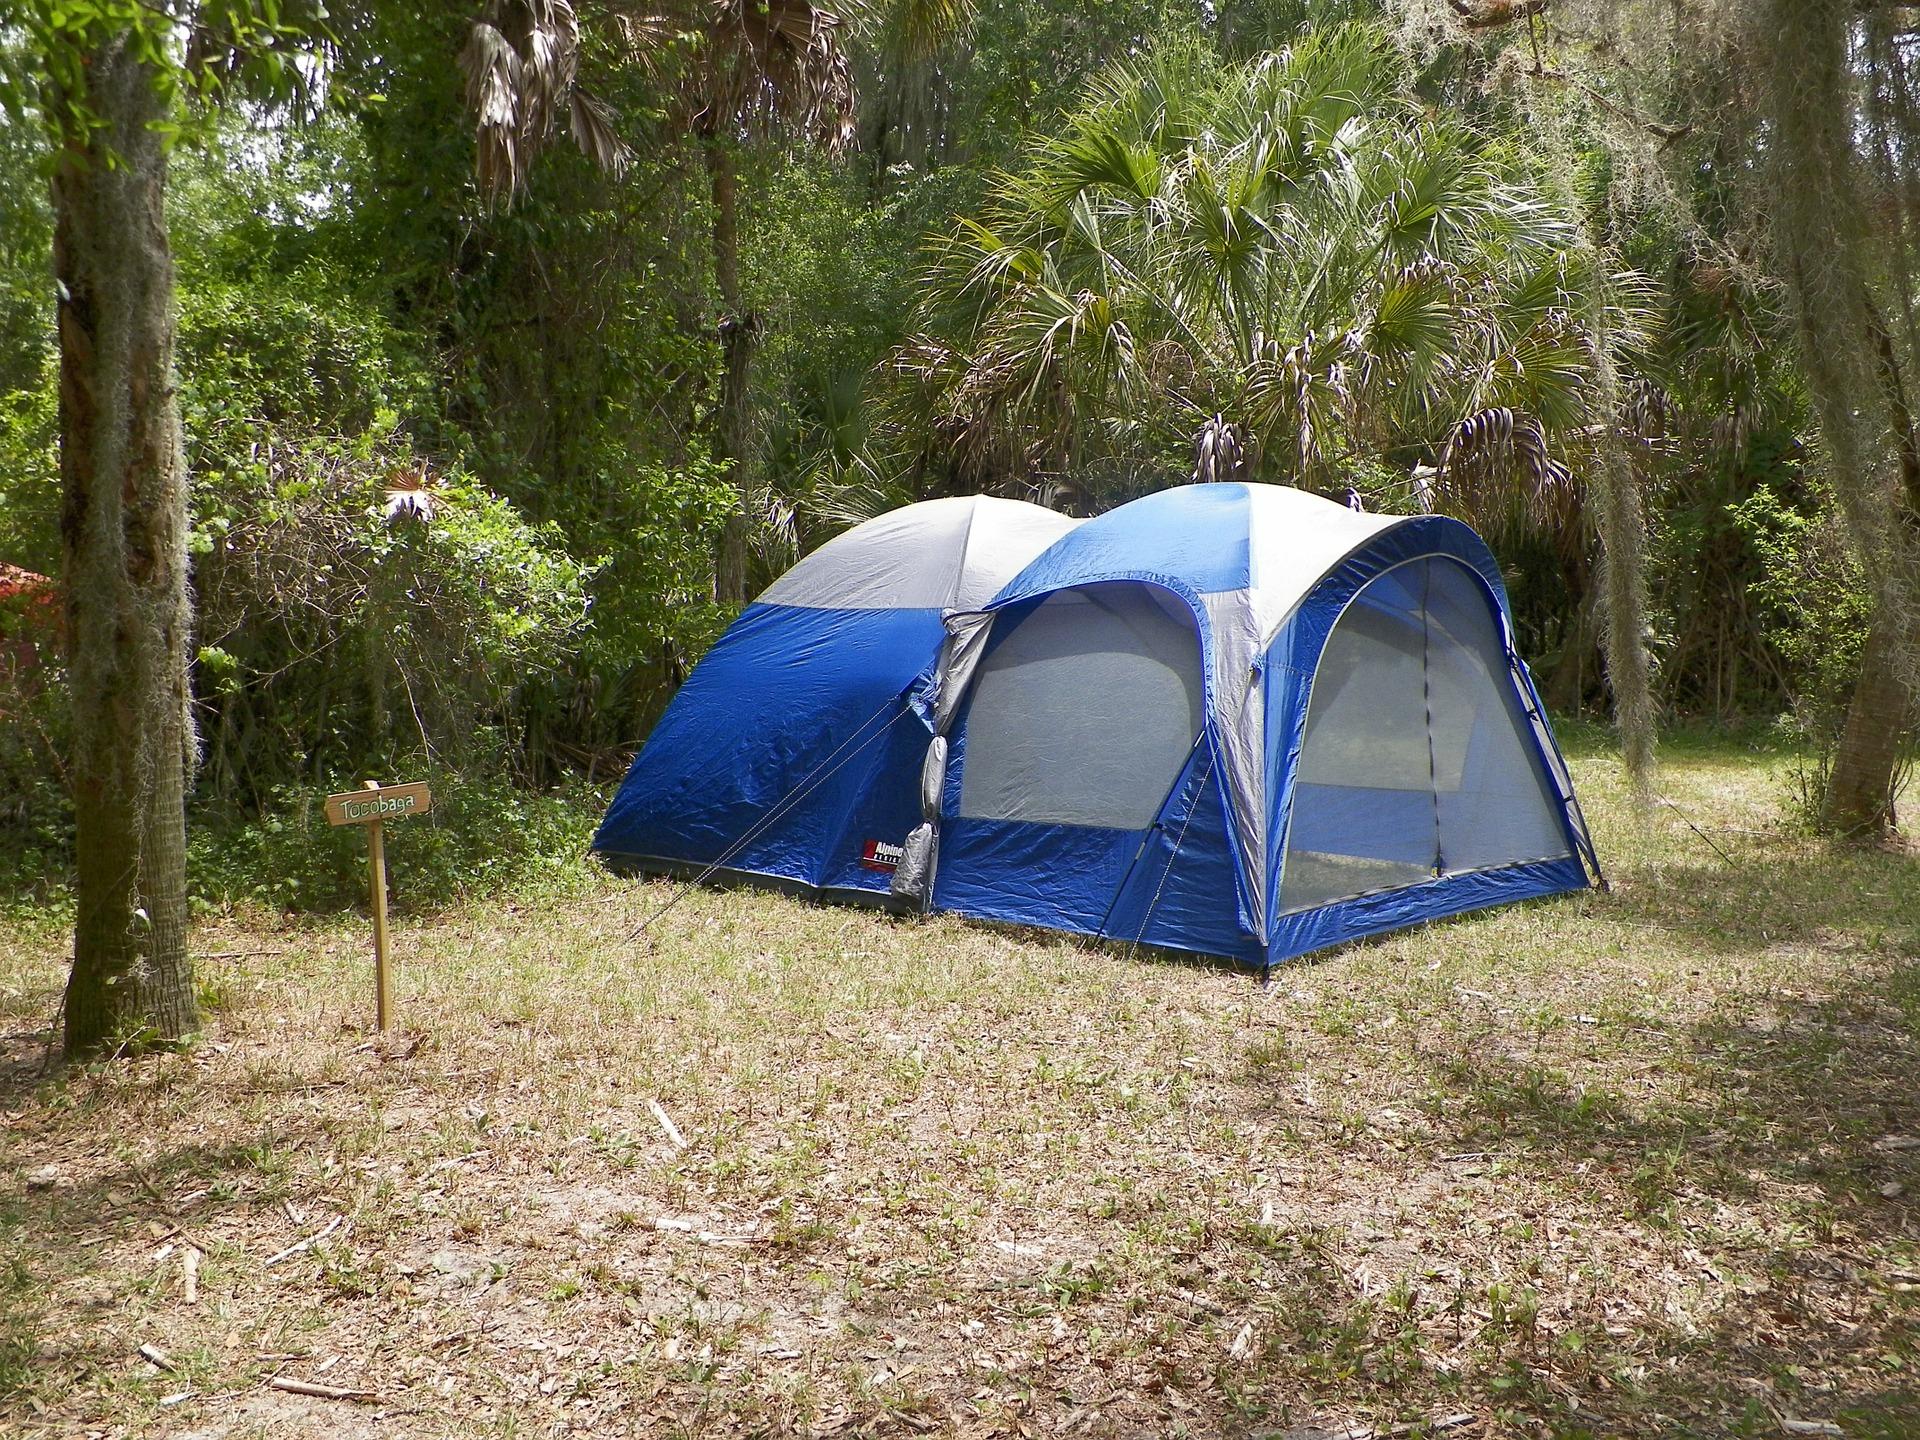 camping-445425_1920